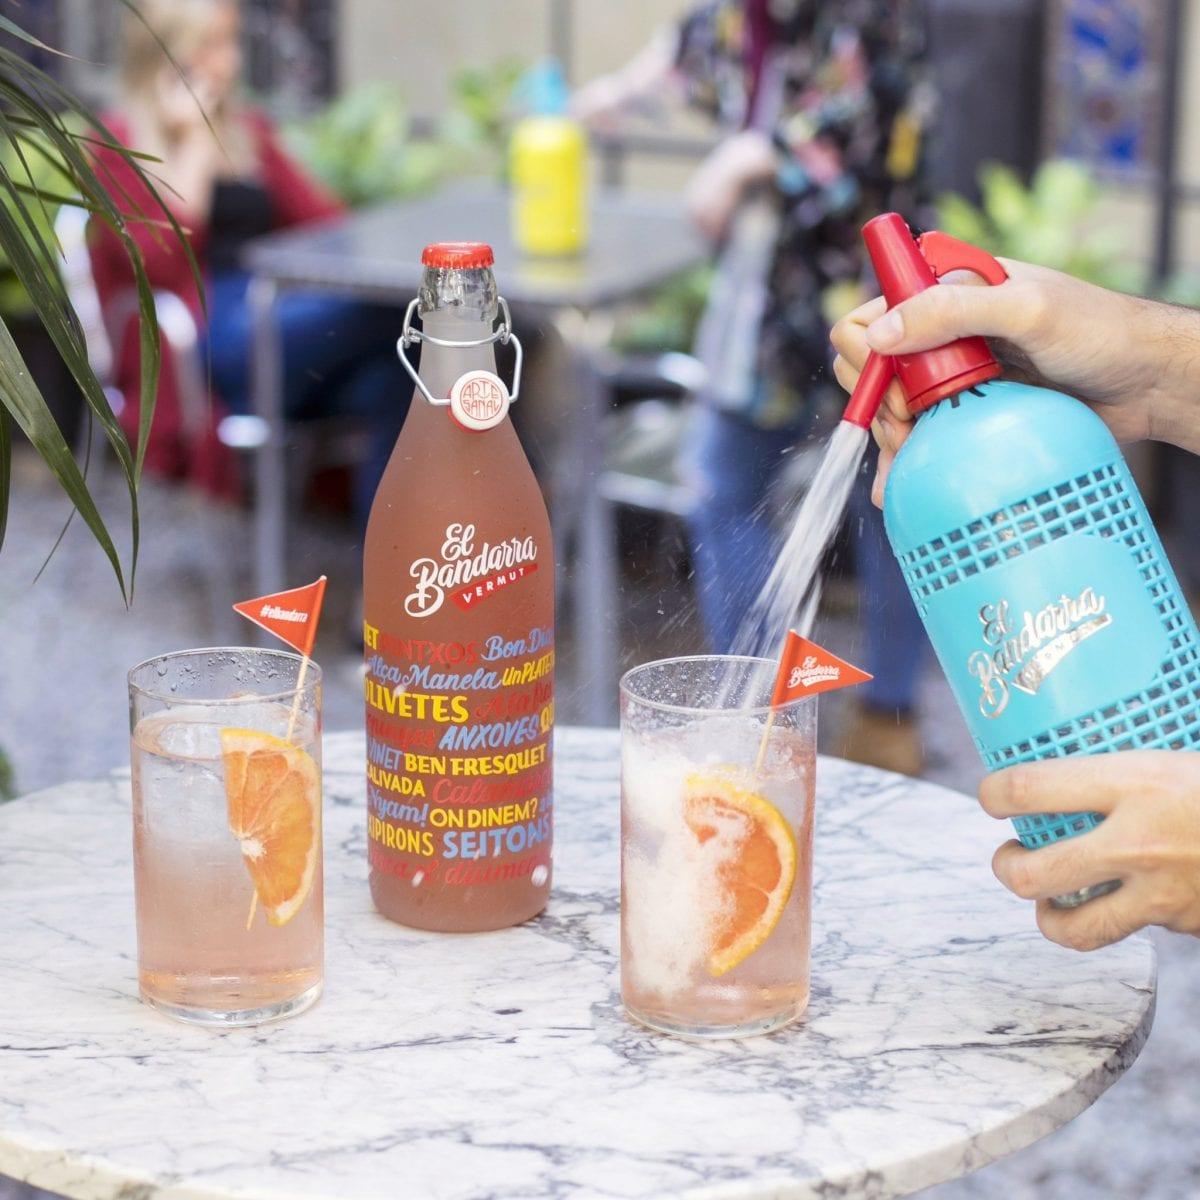 botella de Bandarra Rosé servida con sifón Bandarra al fresco